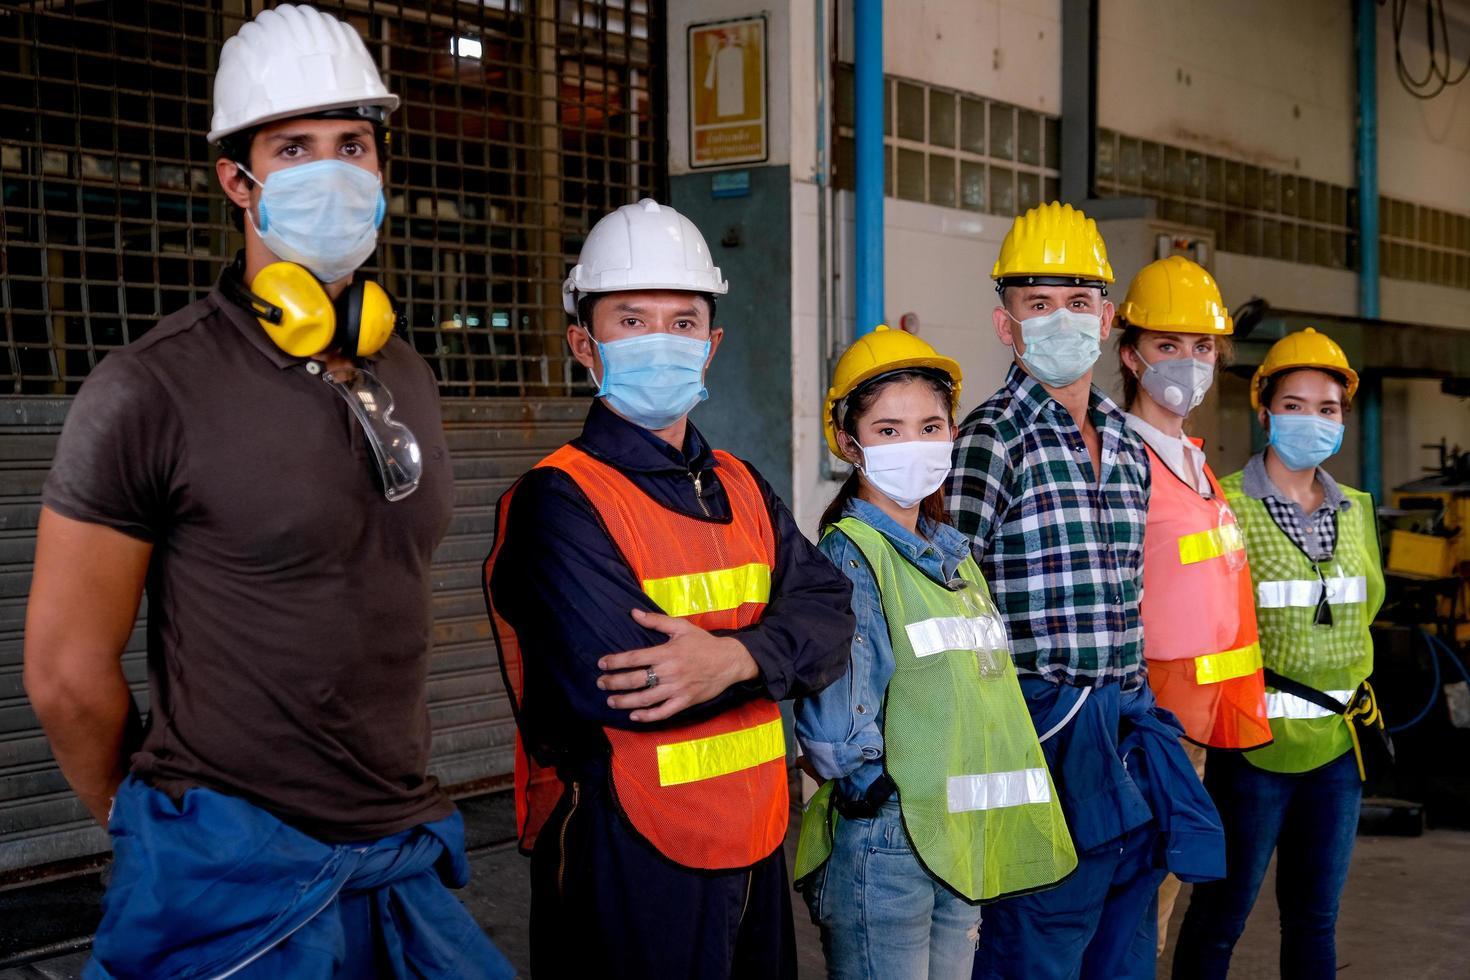 les travailleurs industriels professionnels se tiennent ensemble photo